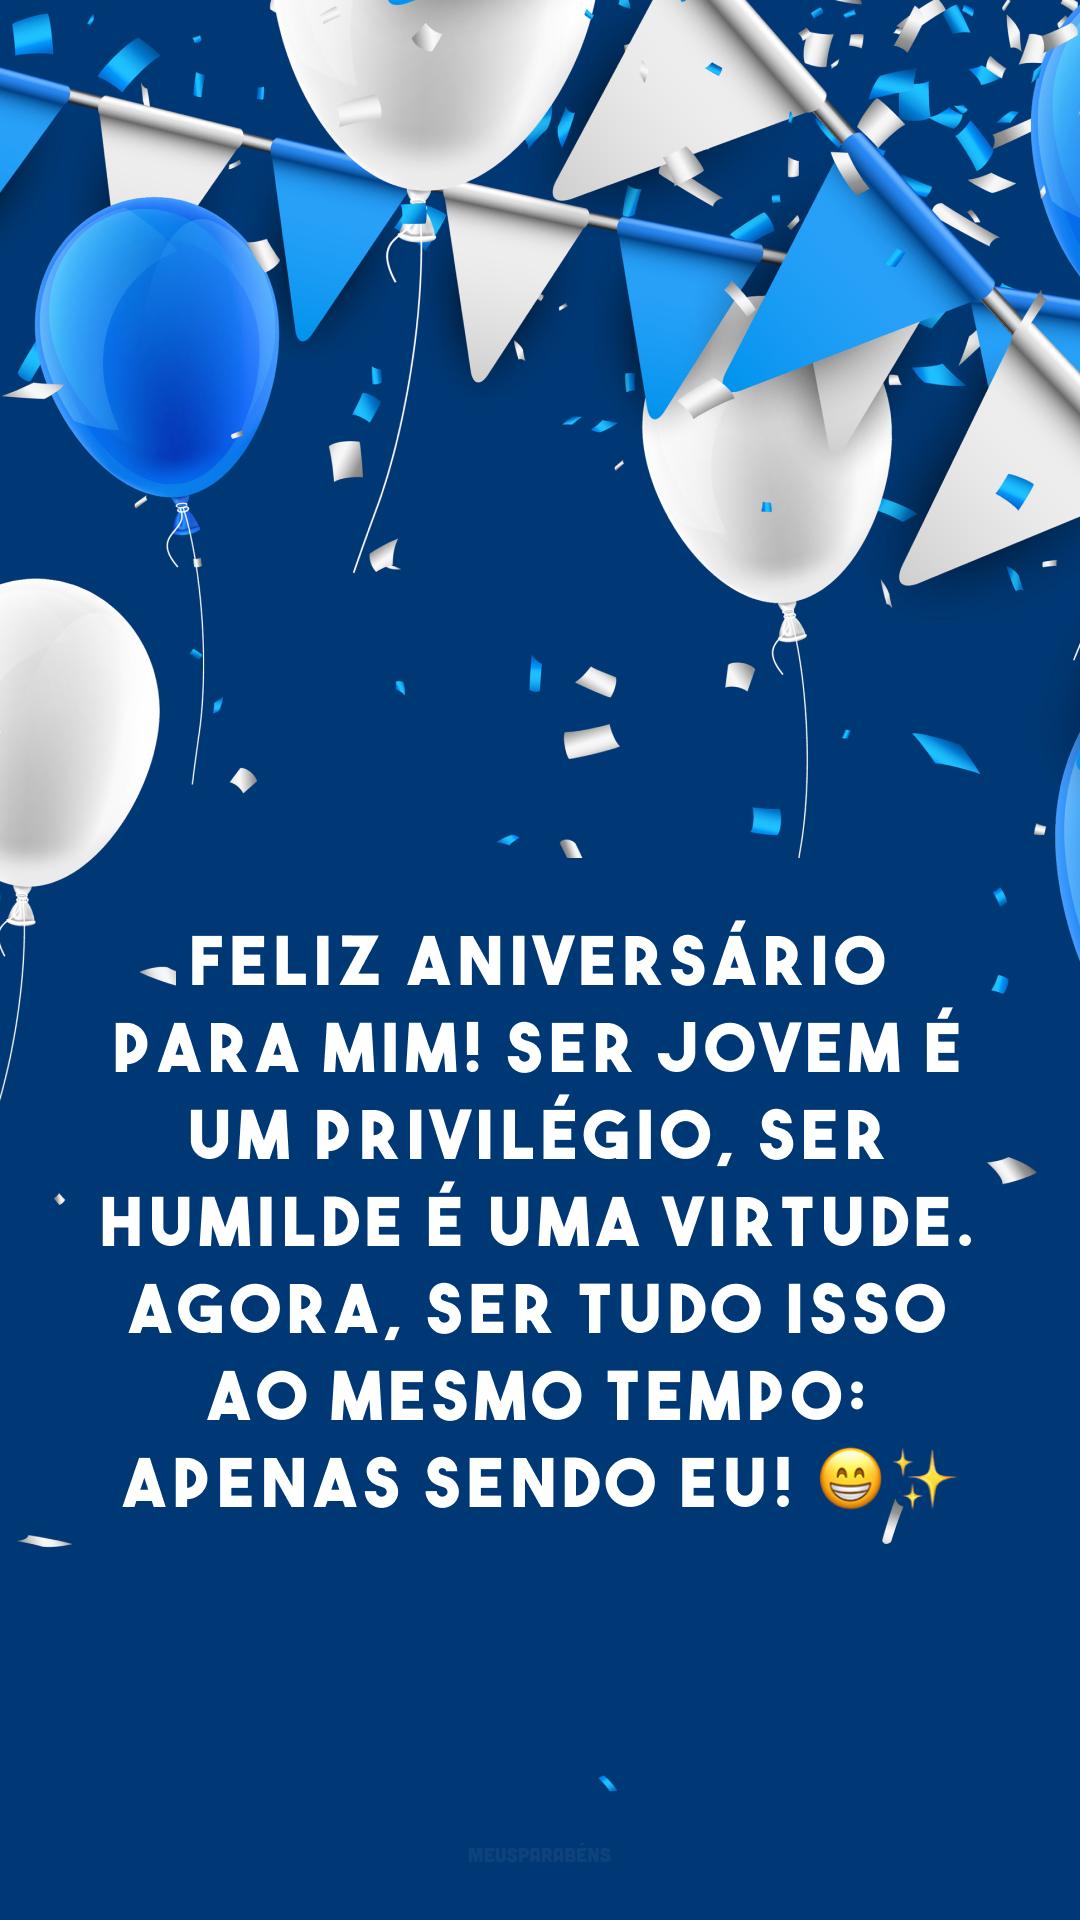 Feliz aniversário para mim! Ser jovem é um privilégio, ser humilde é uma virtude. Agora, ser tudo isso ao mesmo tempo: apenas sendo eu! ?✨